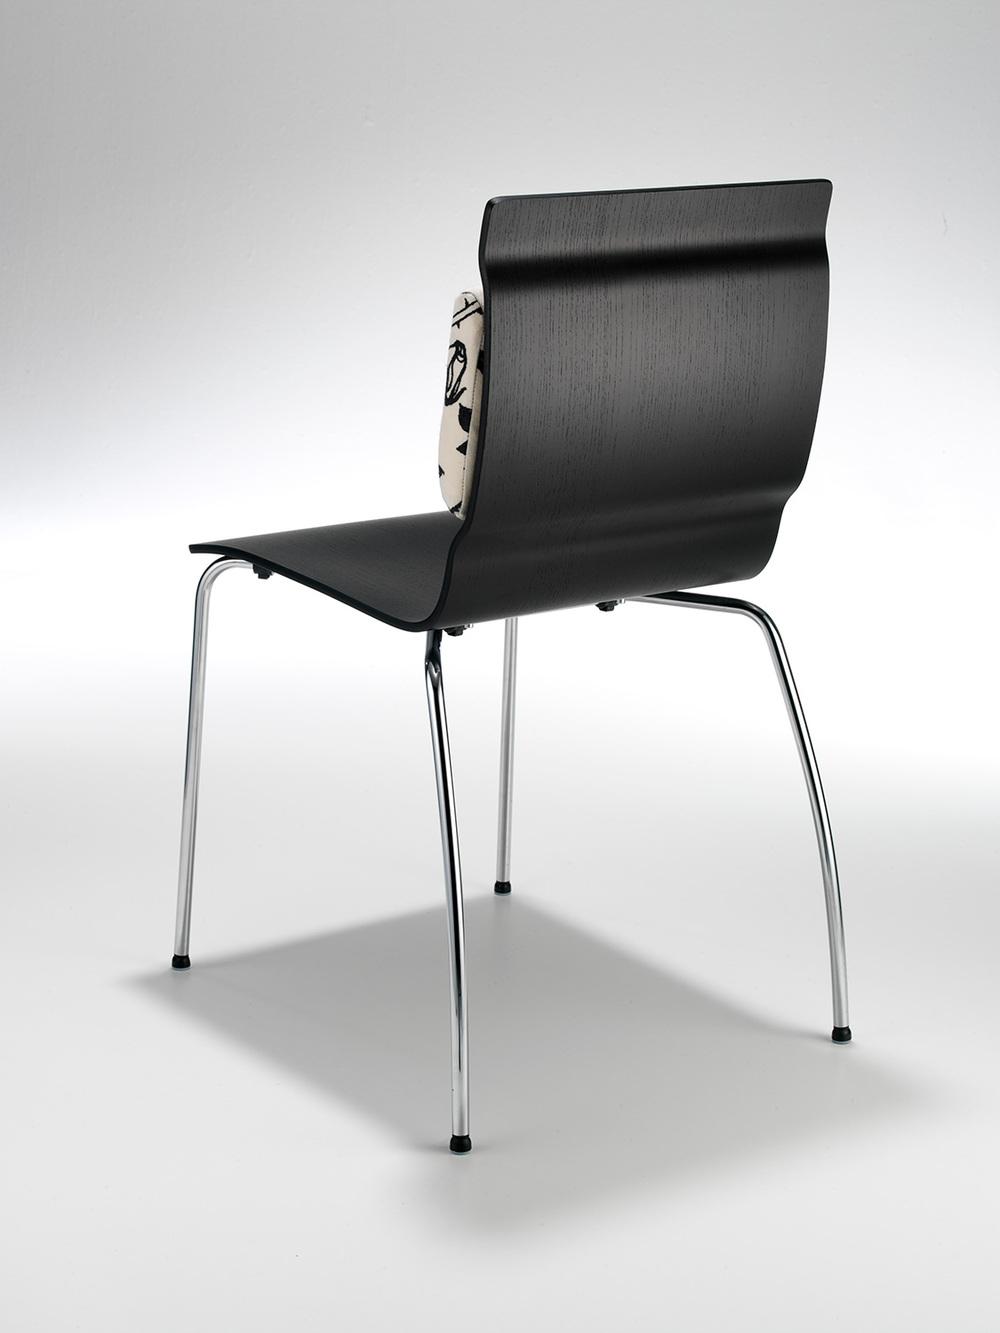 Stuhl-Cliuque_Einz_10-002.jpg